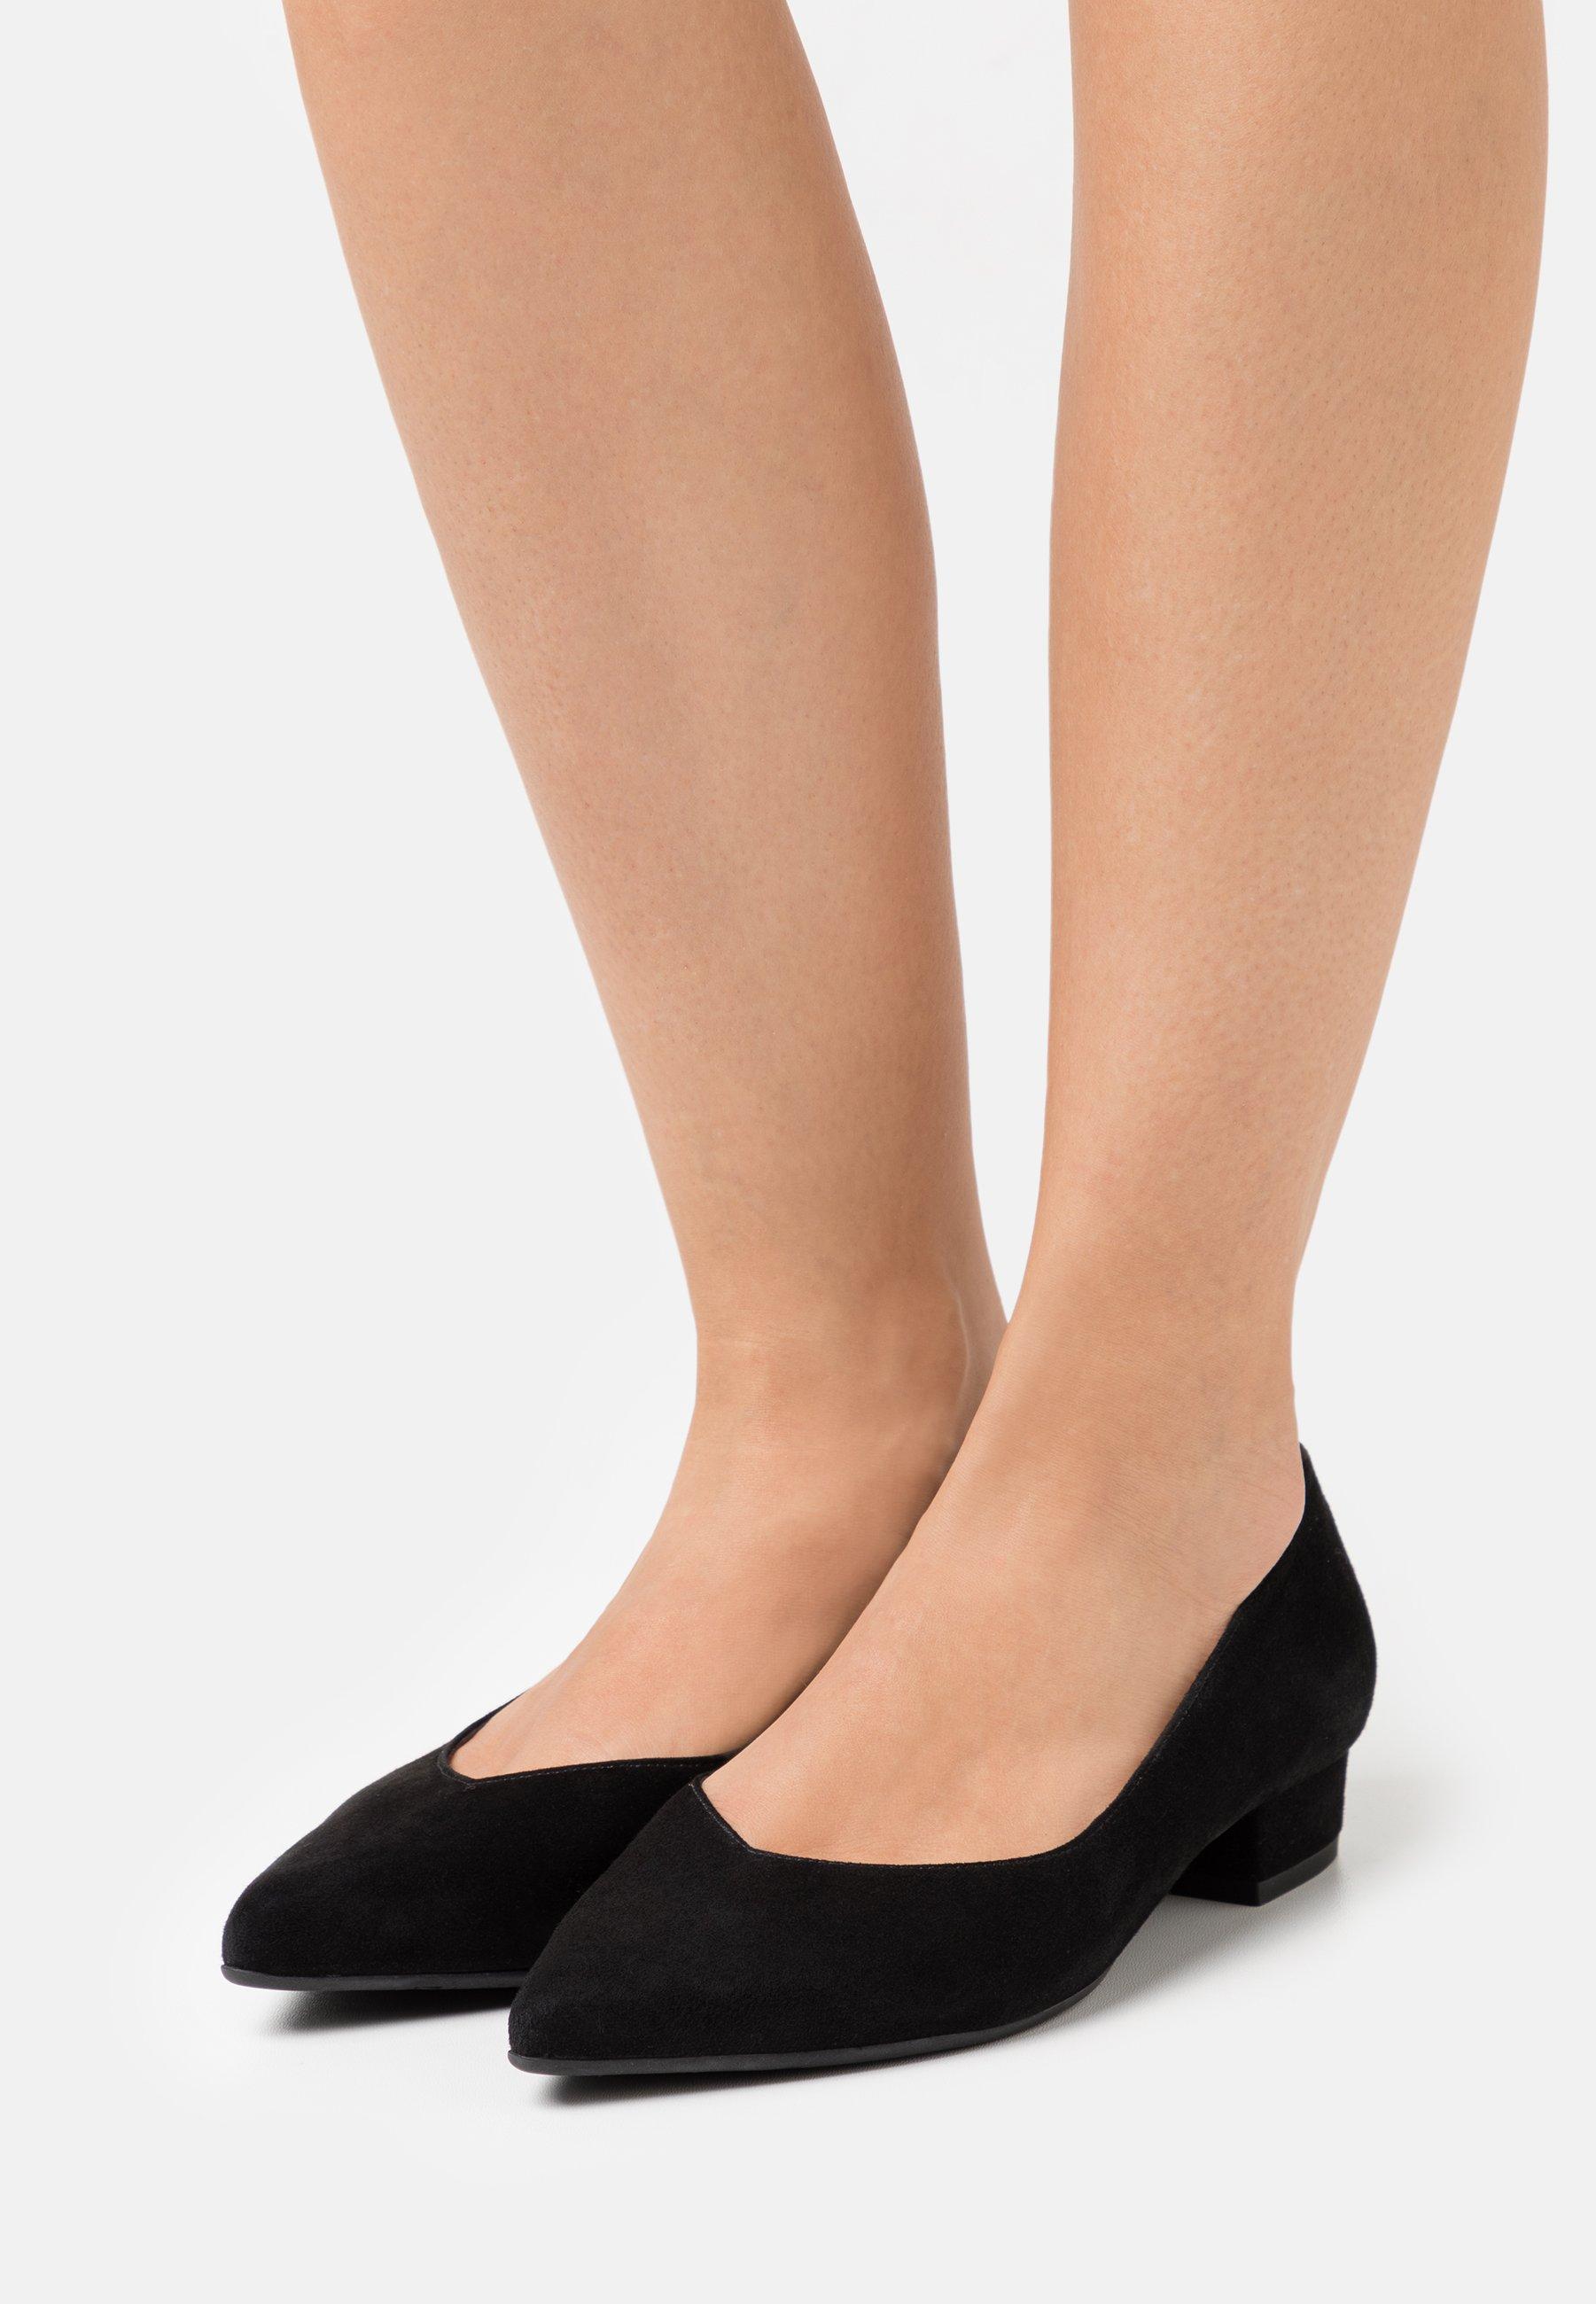 Femme DRIKA - Escarpins - schwarz